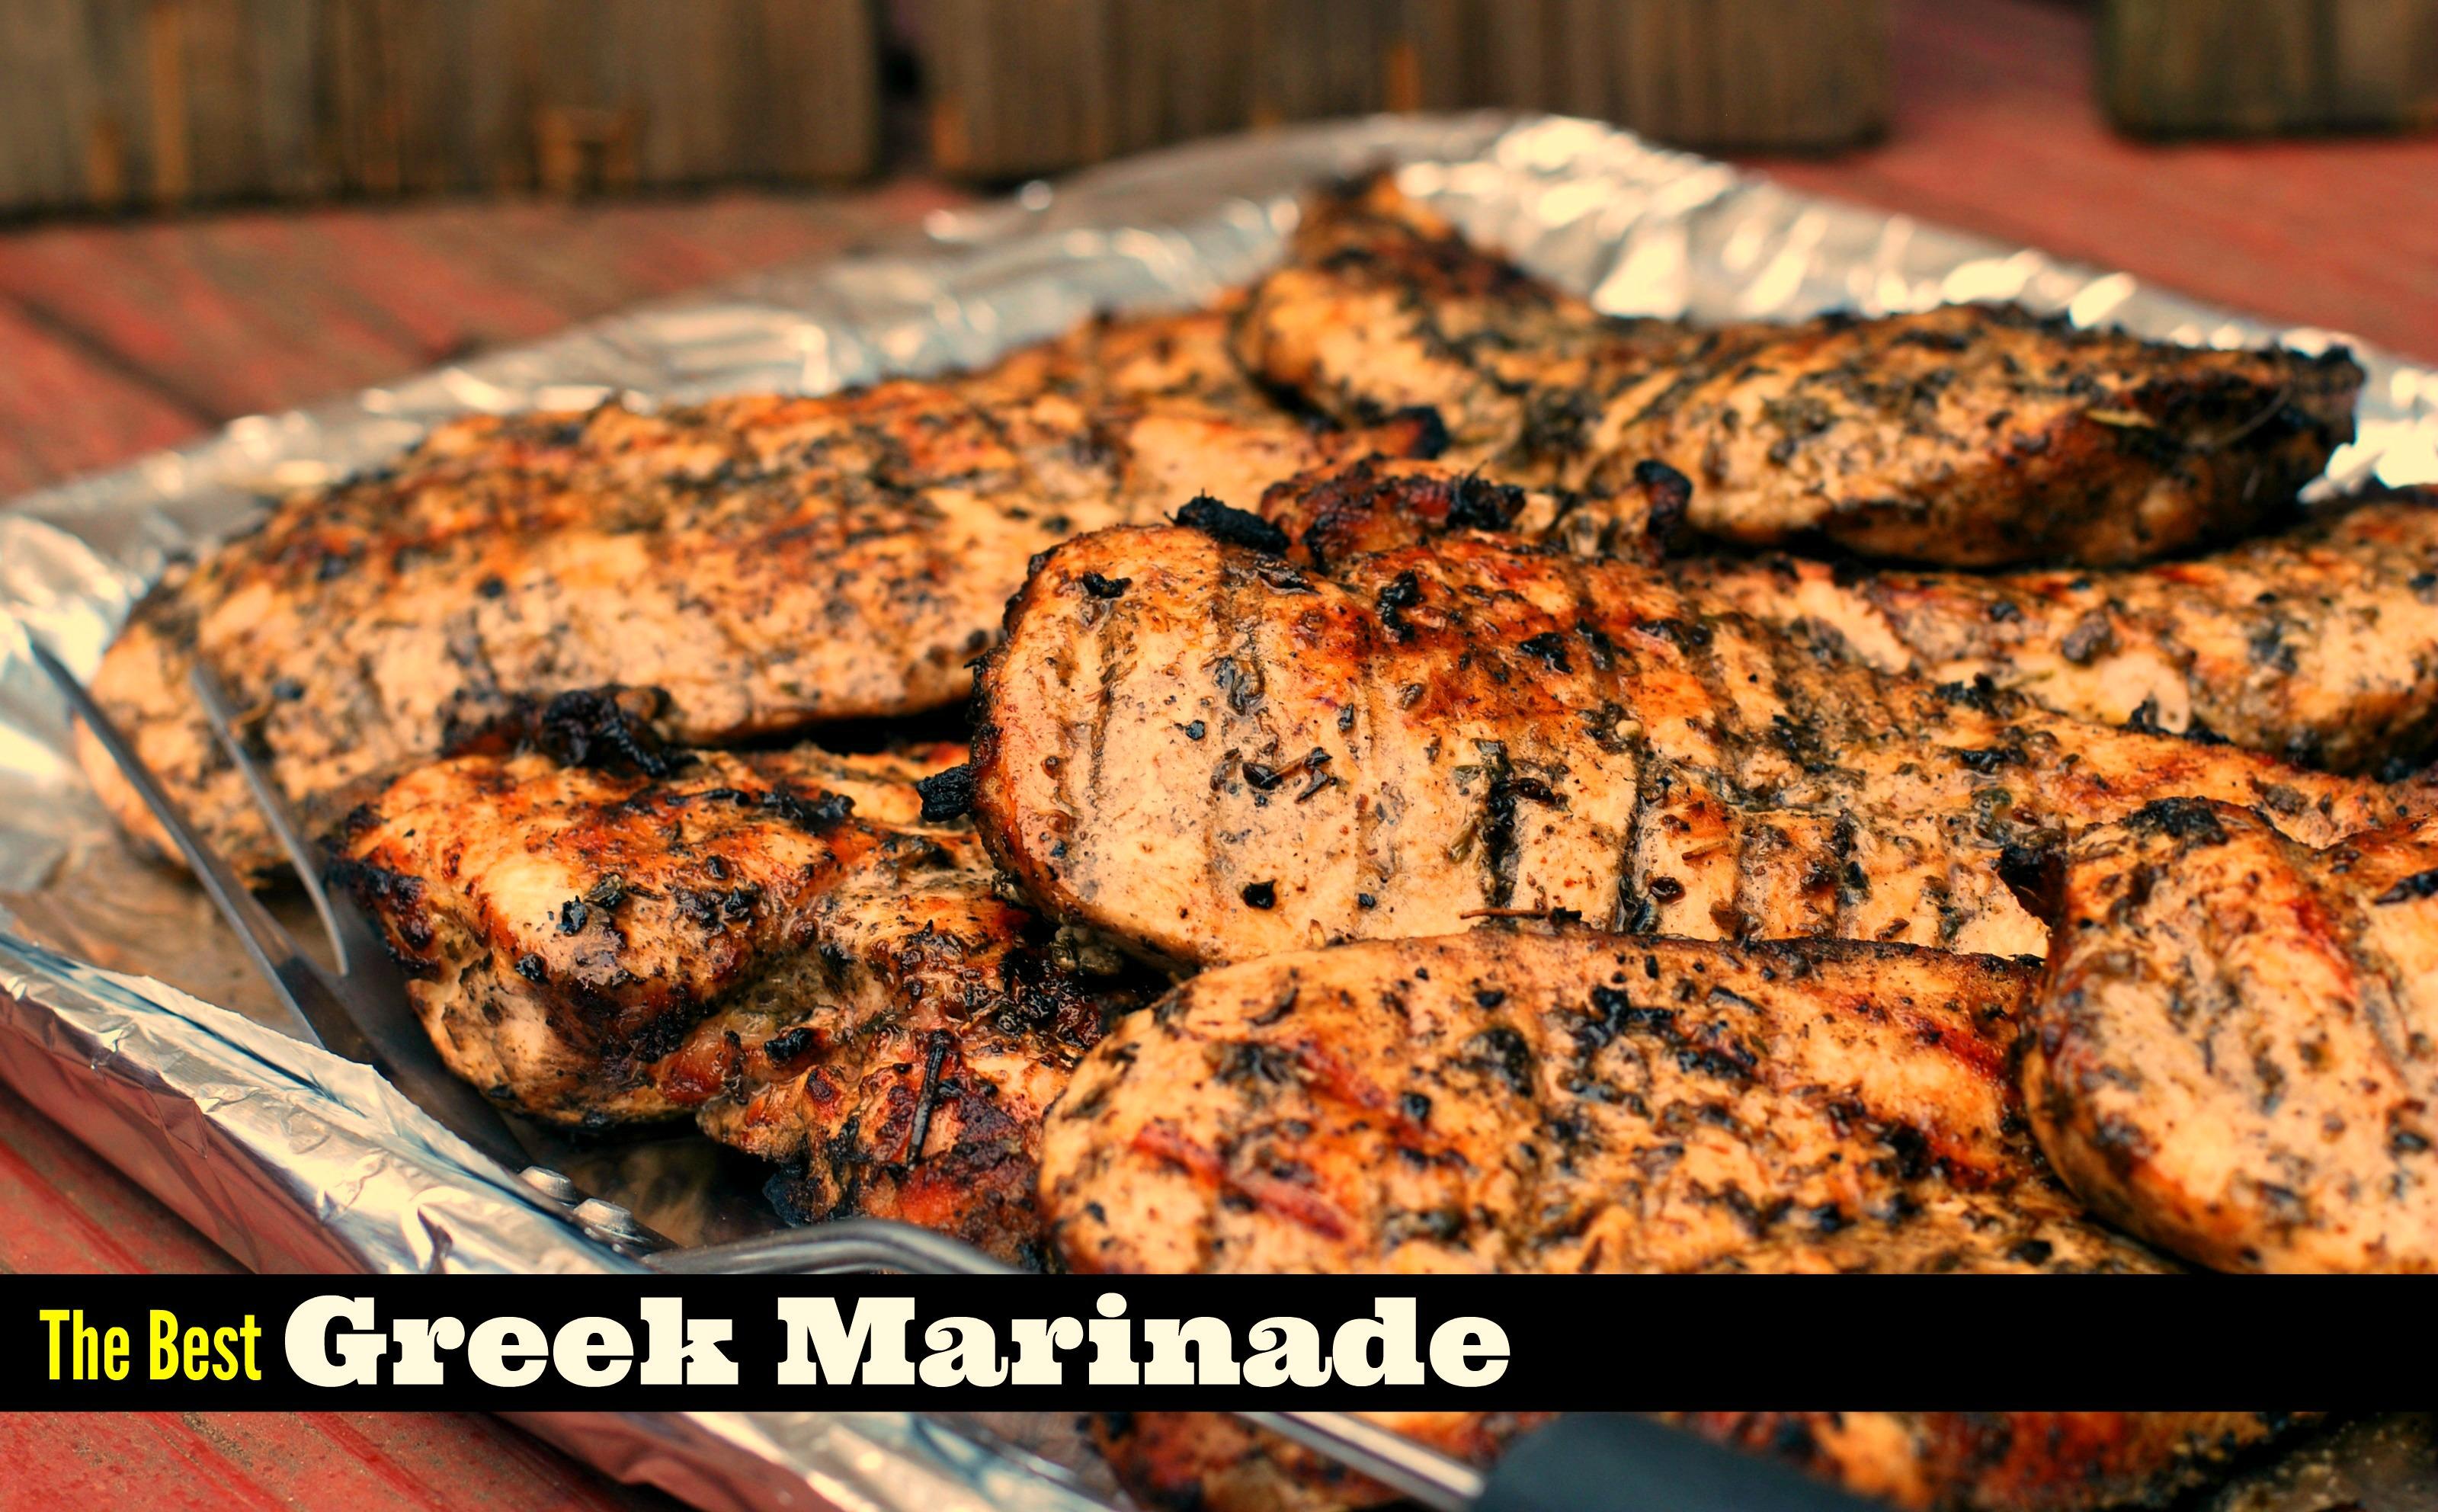 The Best Greek Marinade for Chicken, Steak & Pork